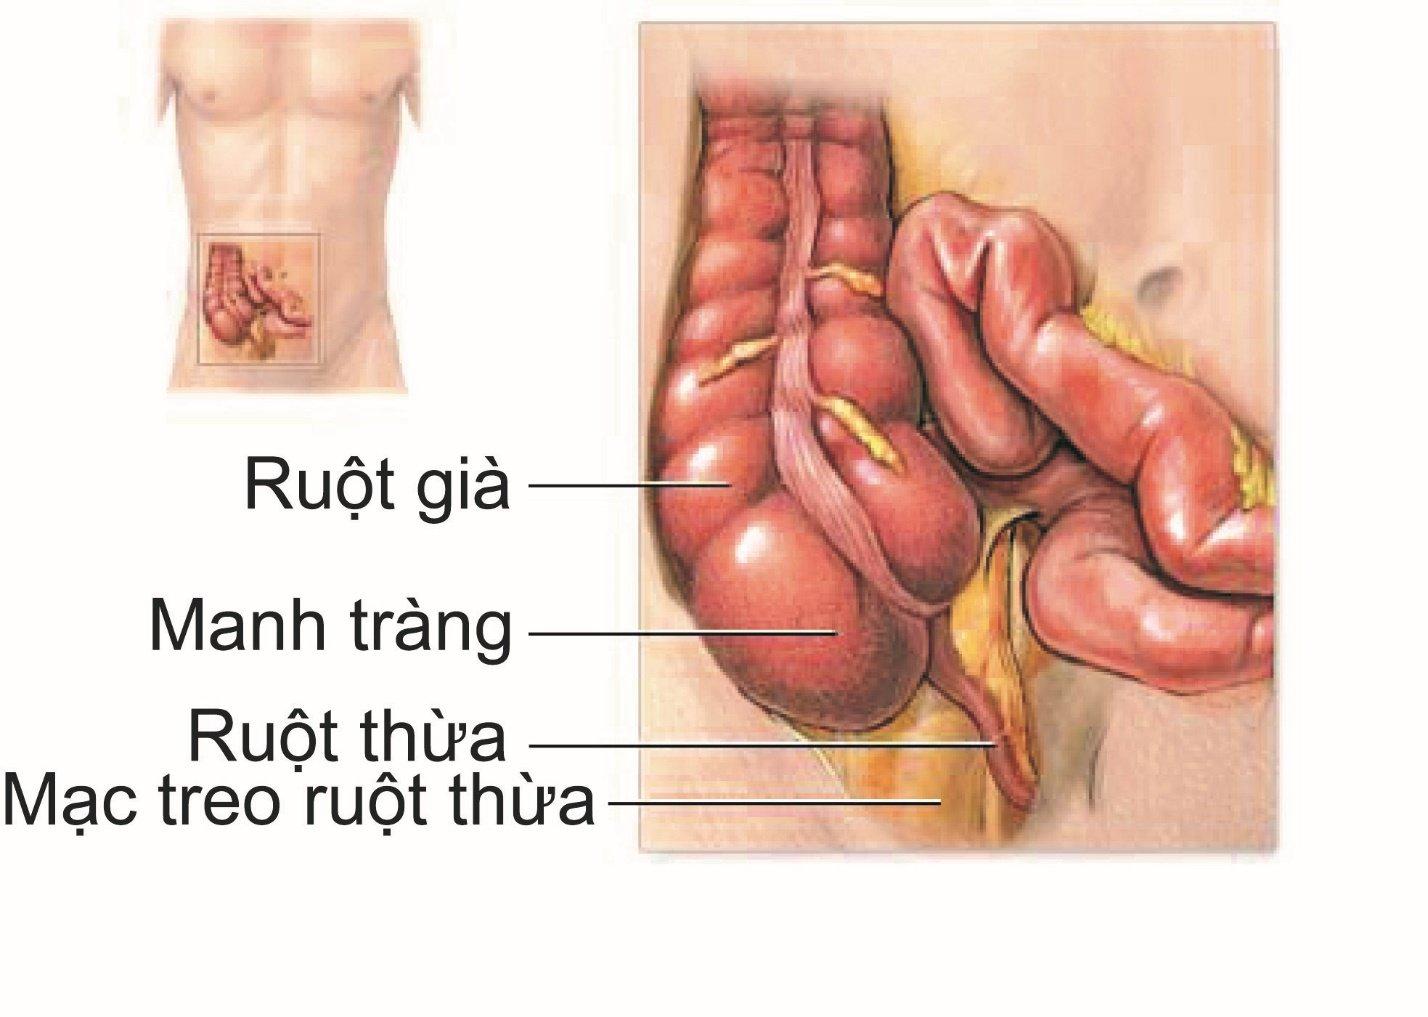 Viêm ruột thừa diễn biến thế nào và kéo dài bao lâu? - ảnh 1